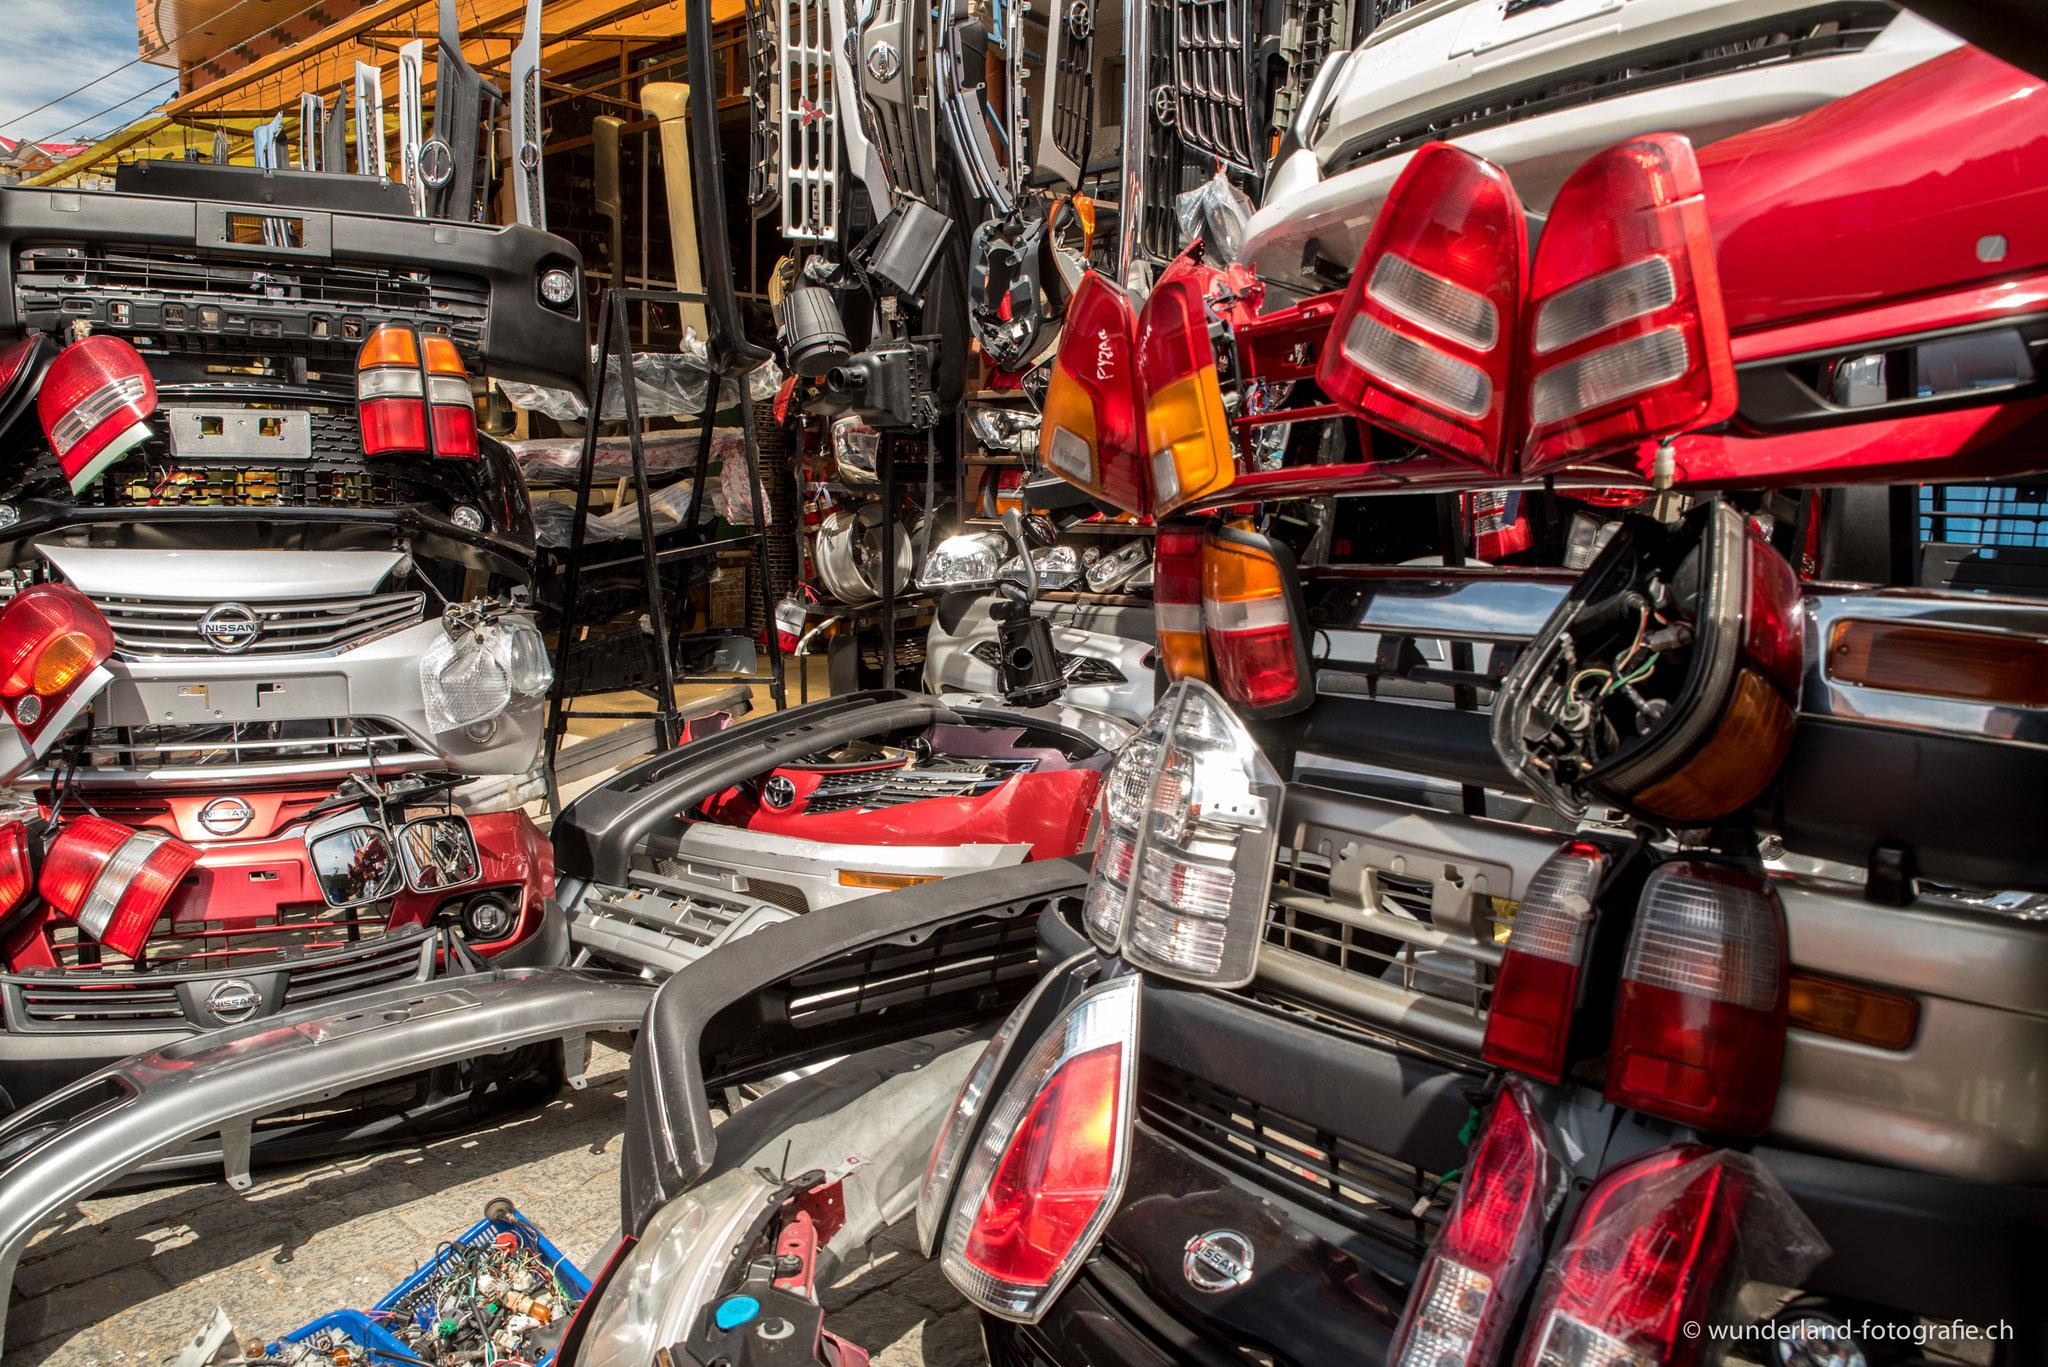 sogar Autoersatzteile gibt es auf dem Markt zu kaufen